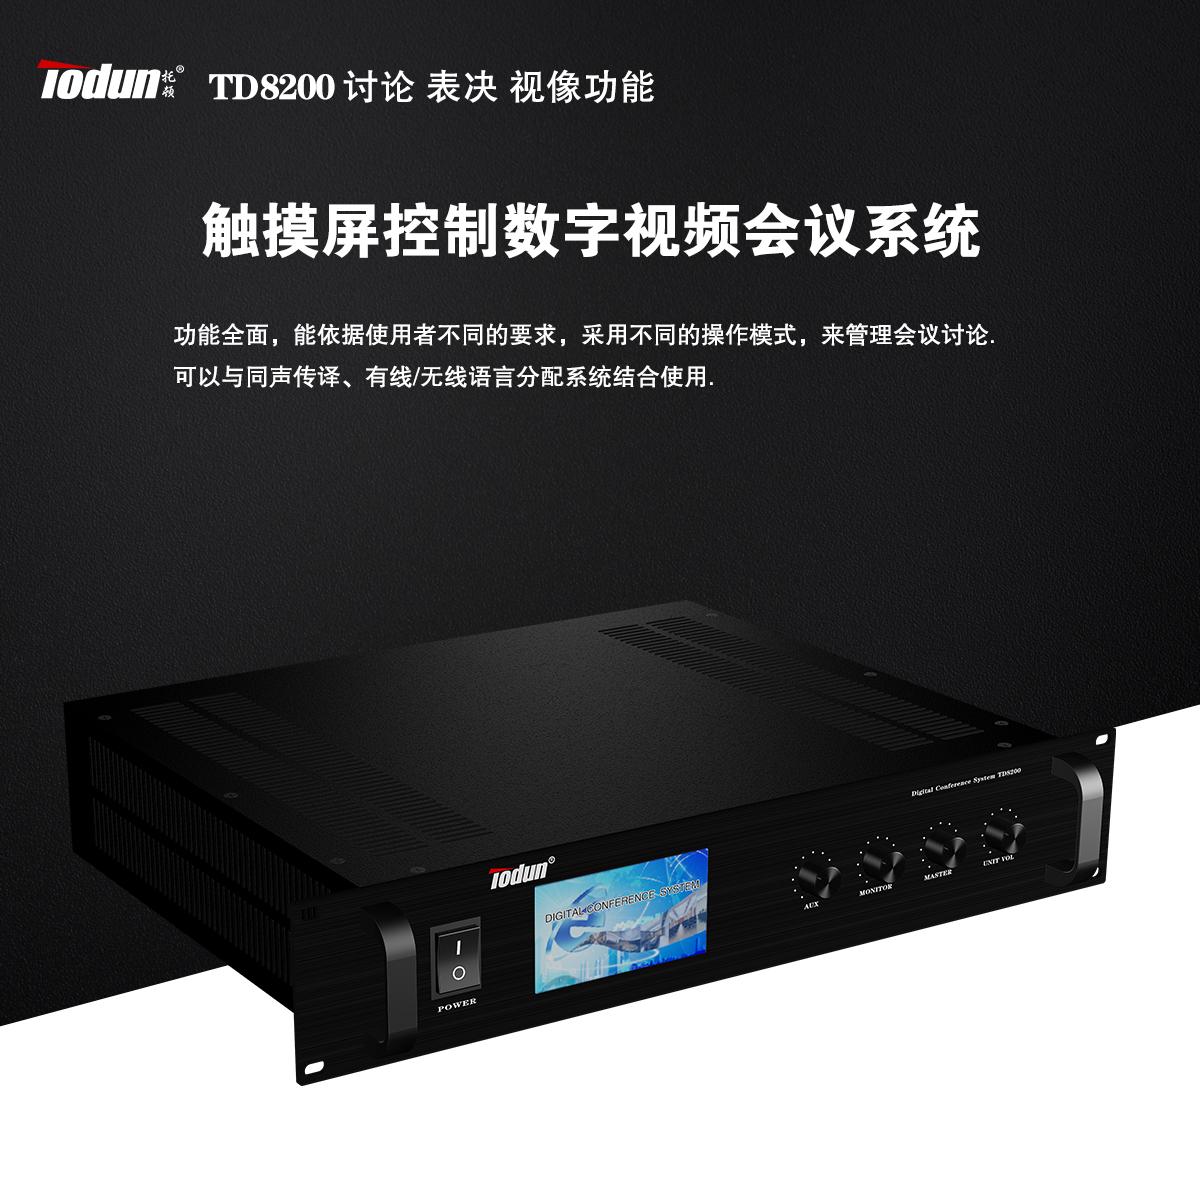 智能触摸屏会议系统托顿TD8200 触控会议系统设备讨论视频表决功能